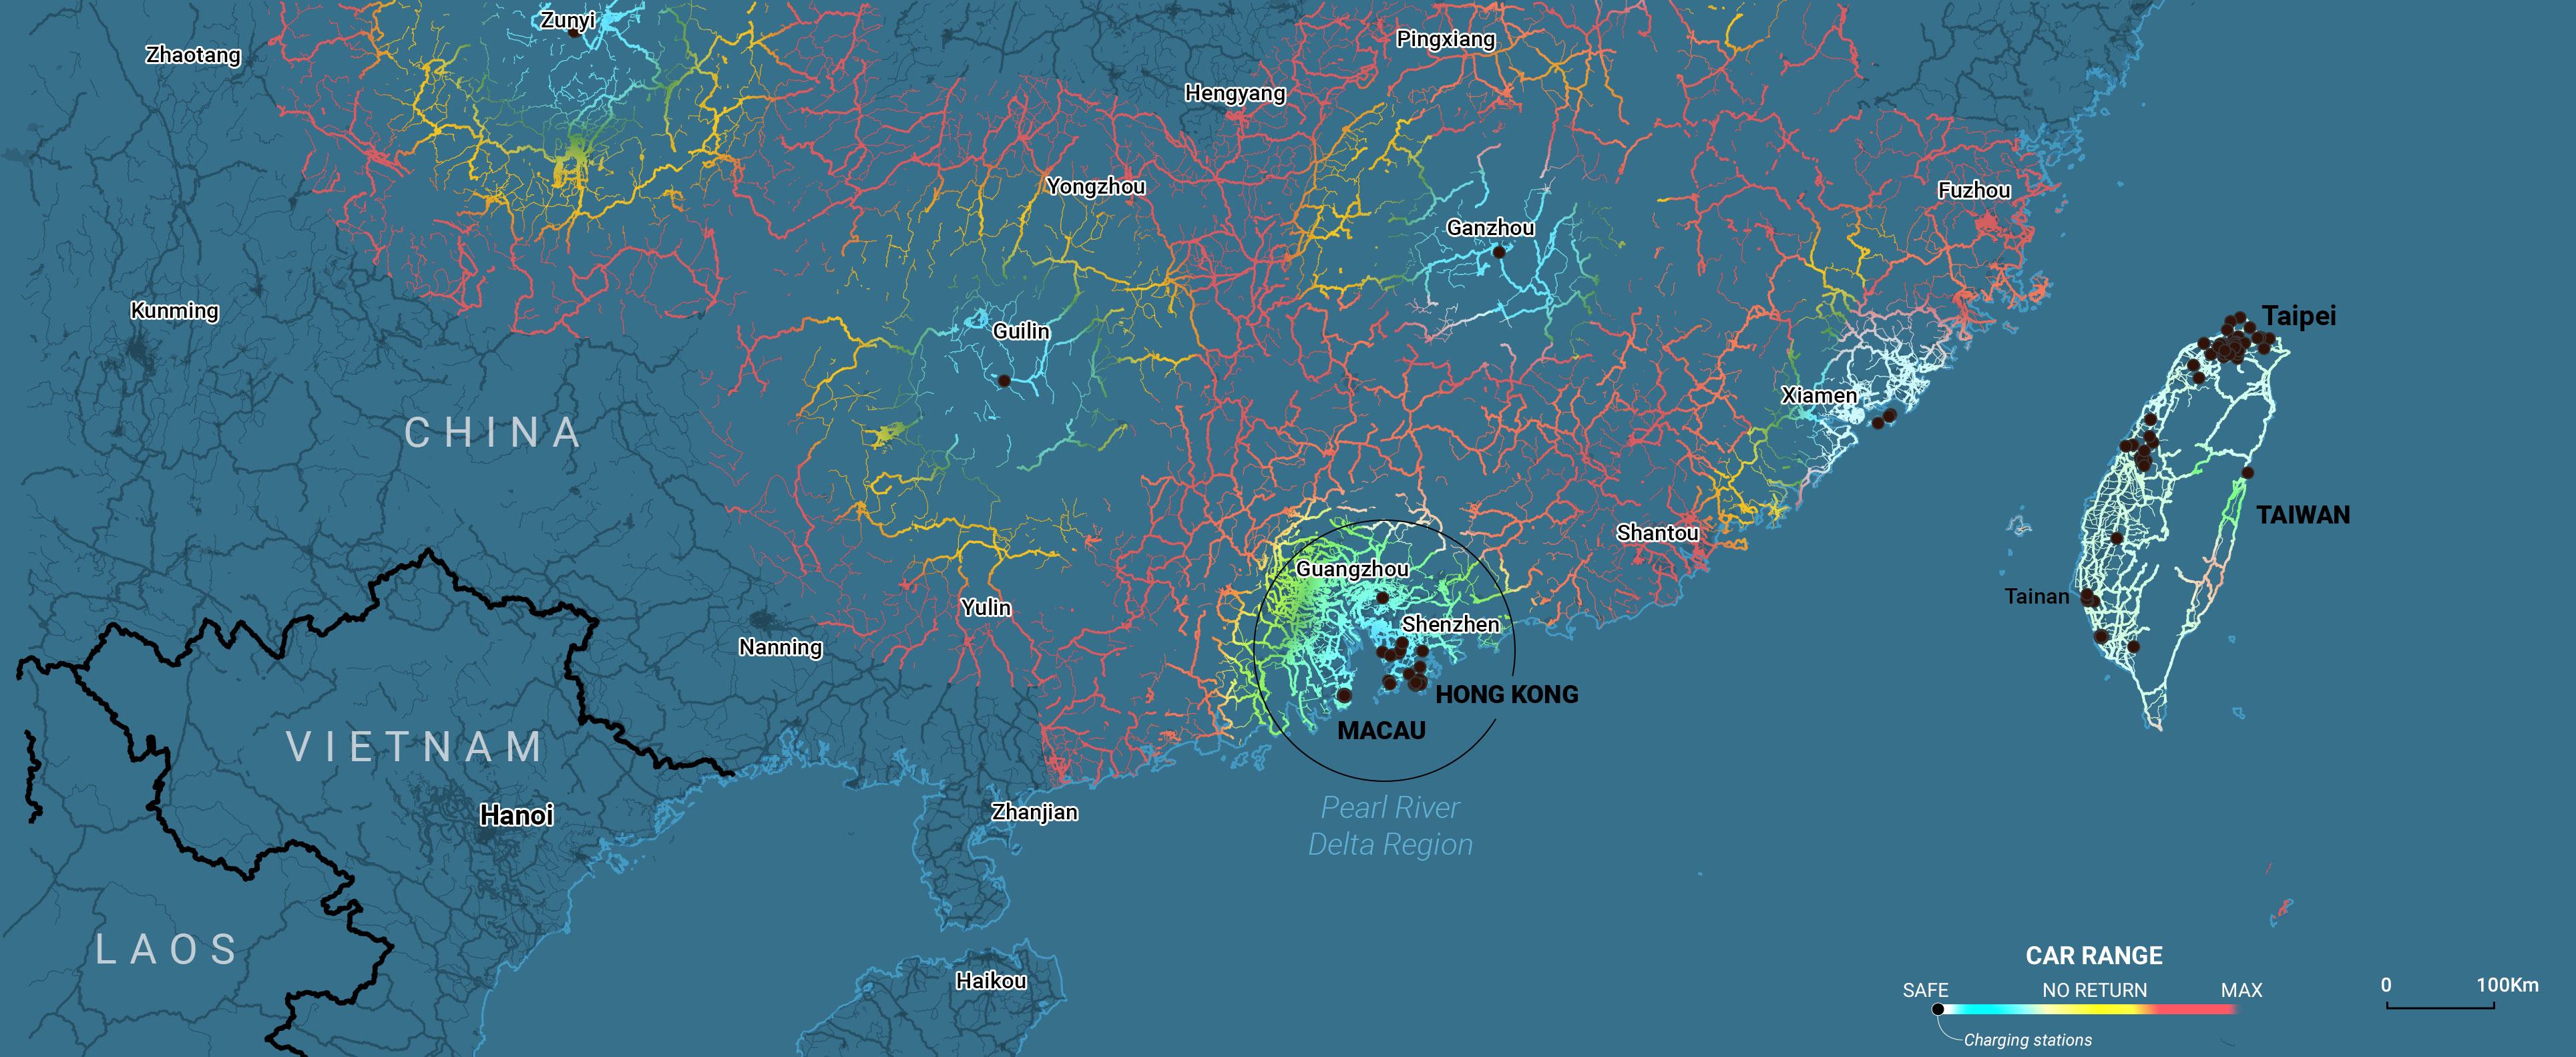 Shenzhen map